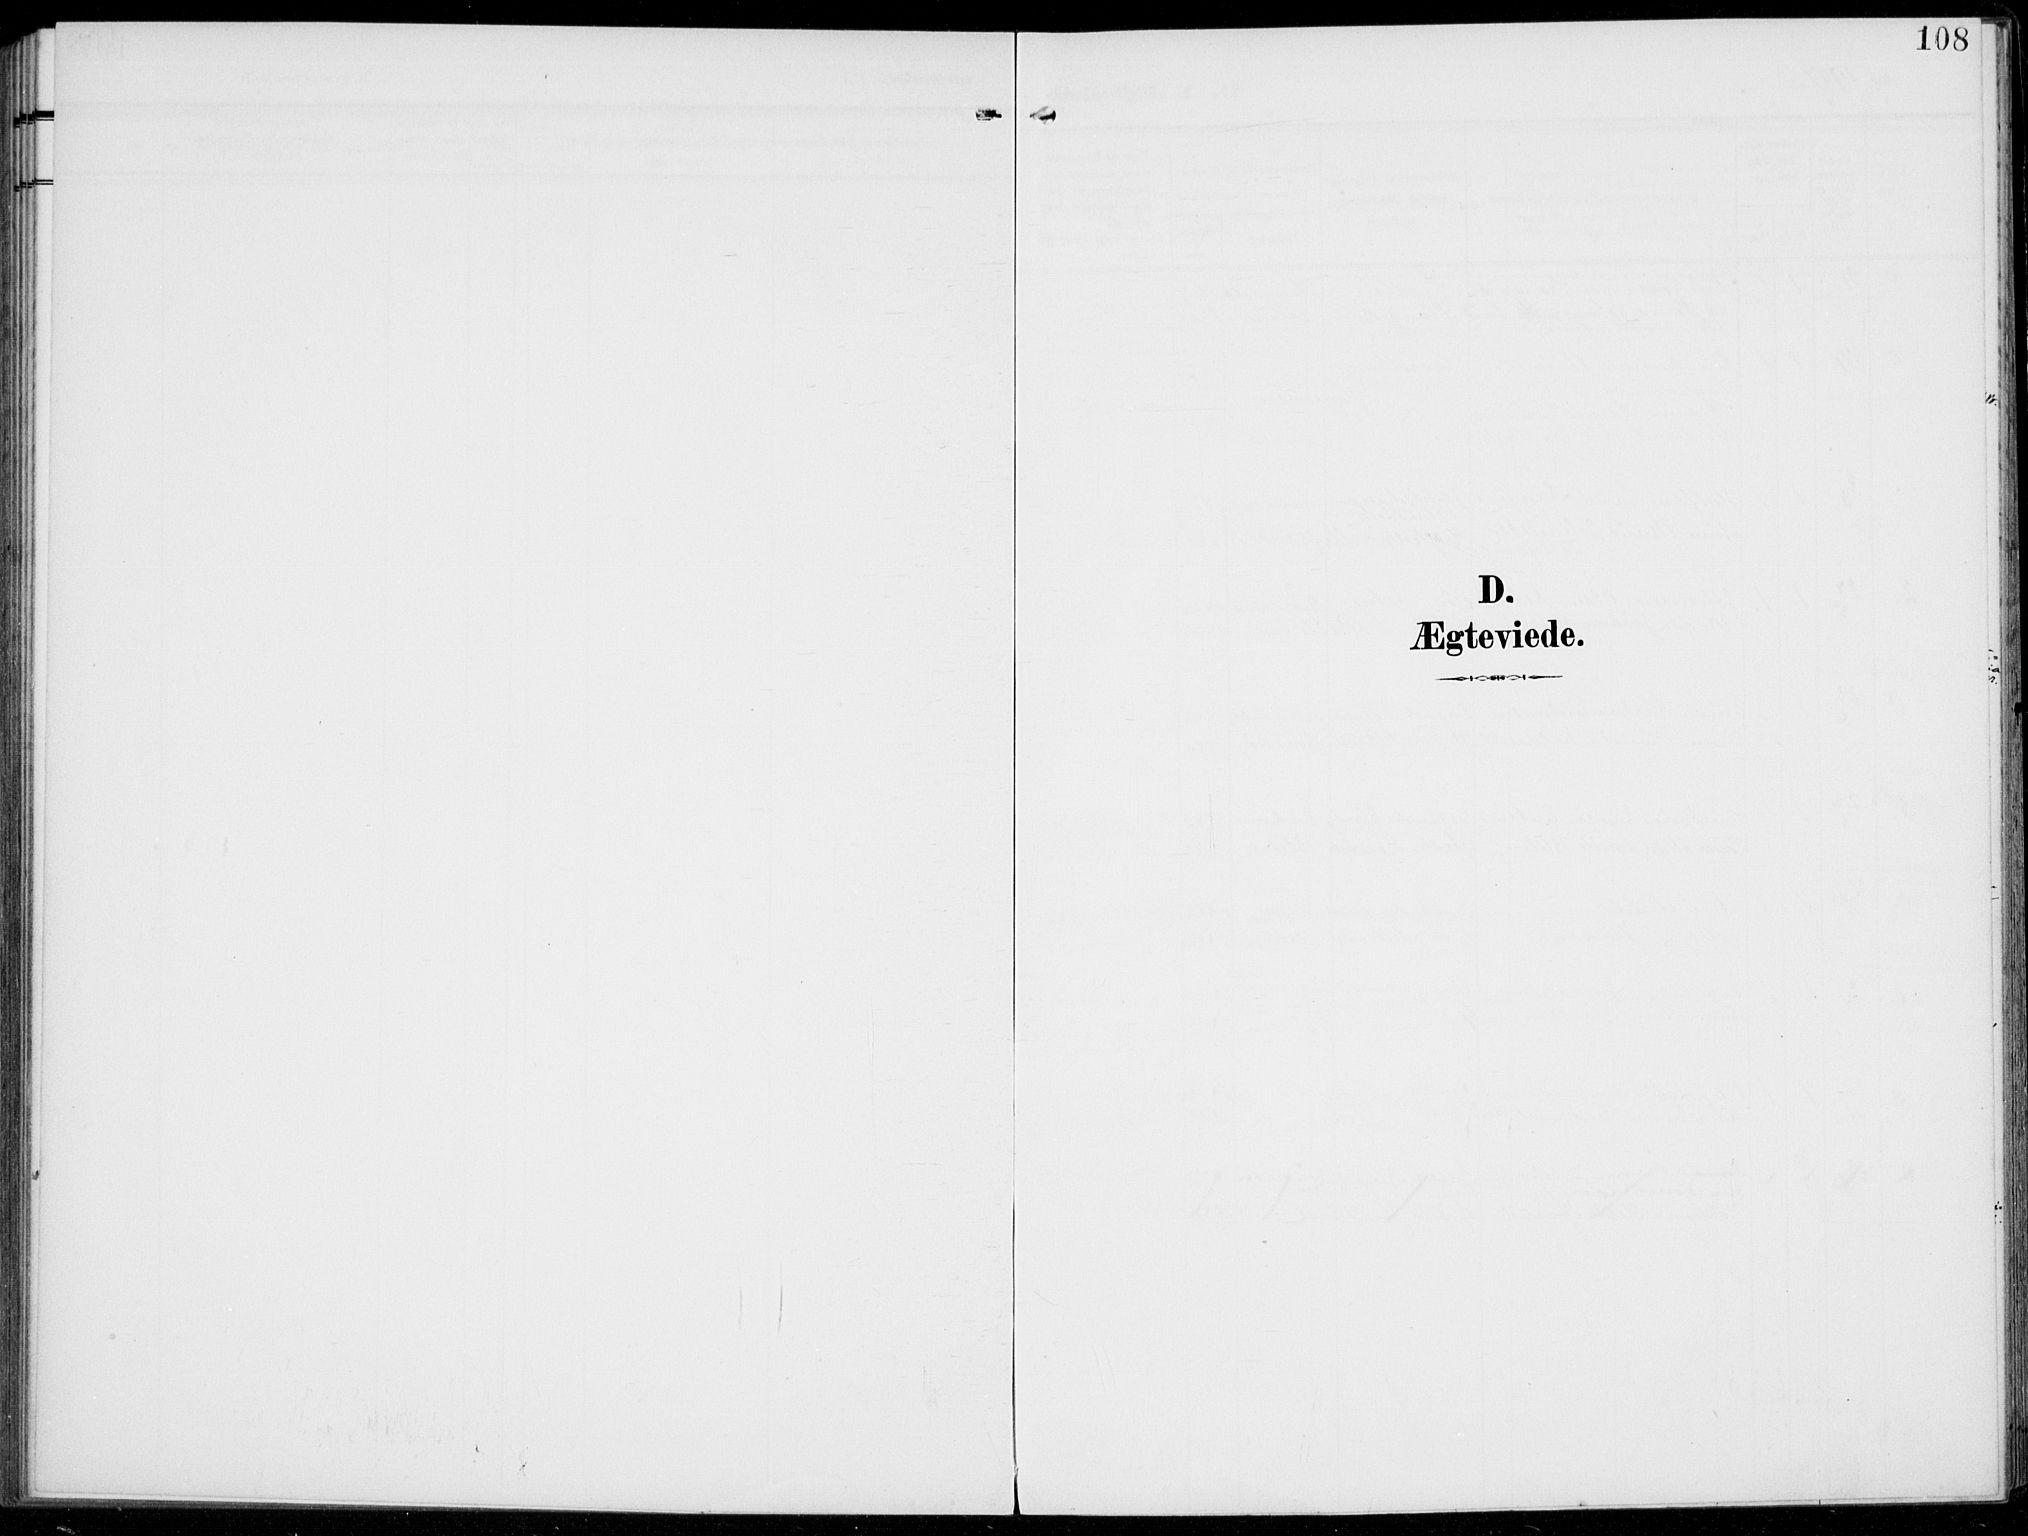 SAH, Kolbu prestekontor, Ministerialbok nr. 1, 1907-1923, s. 108